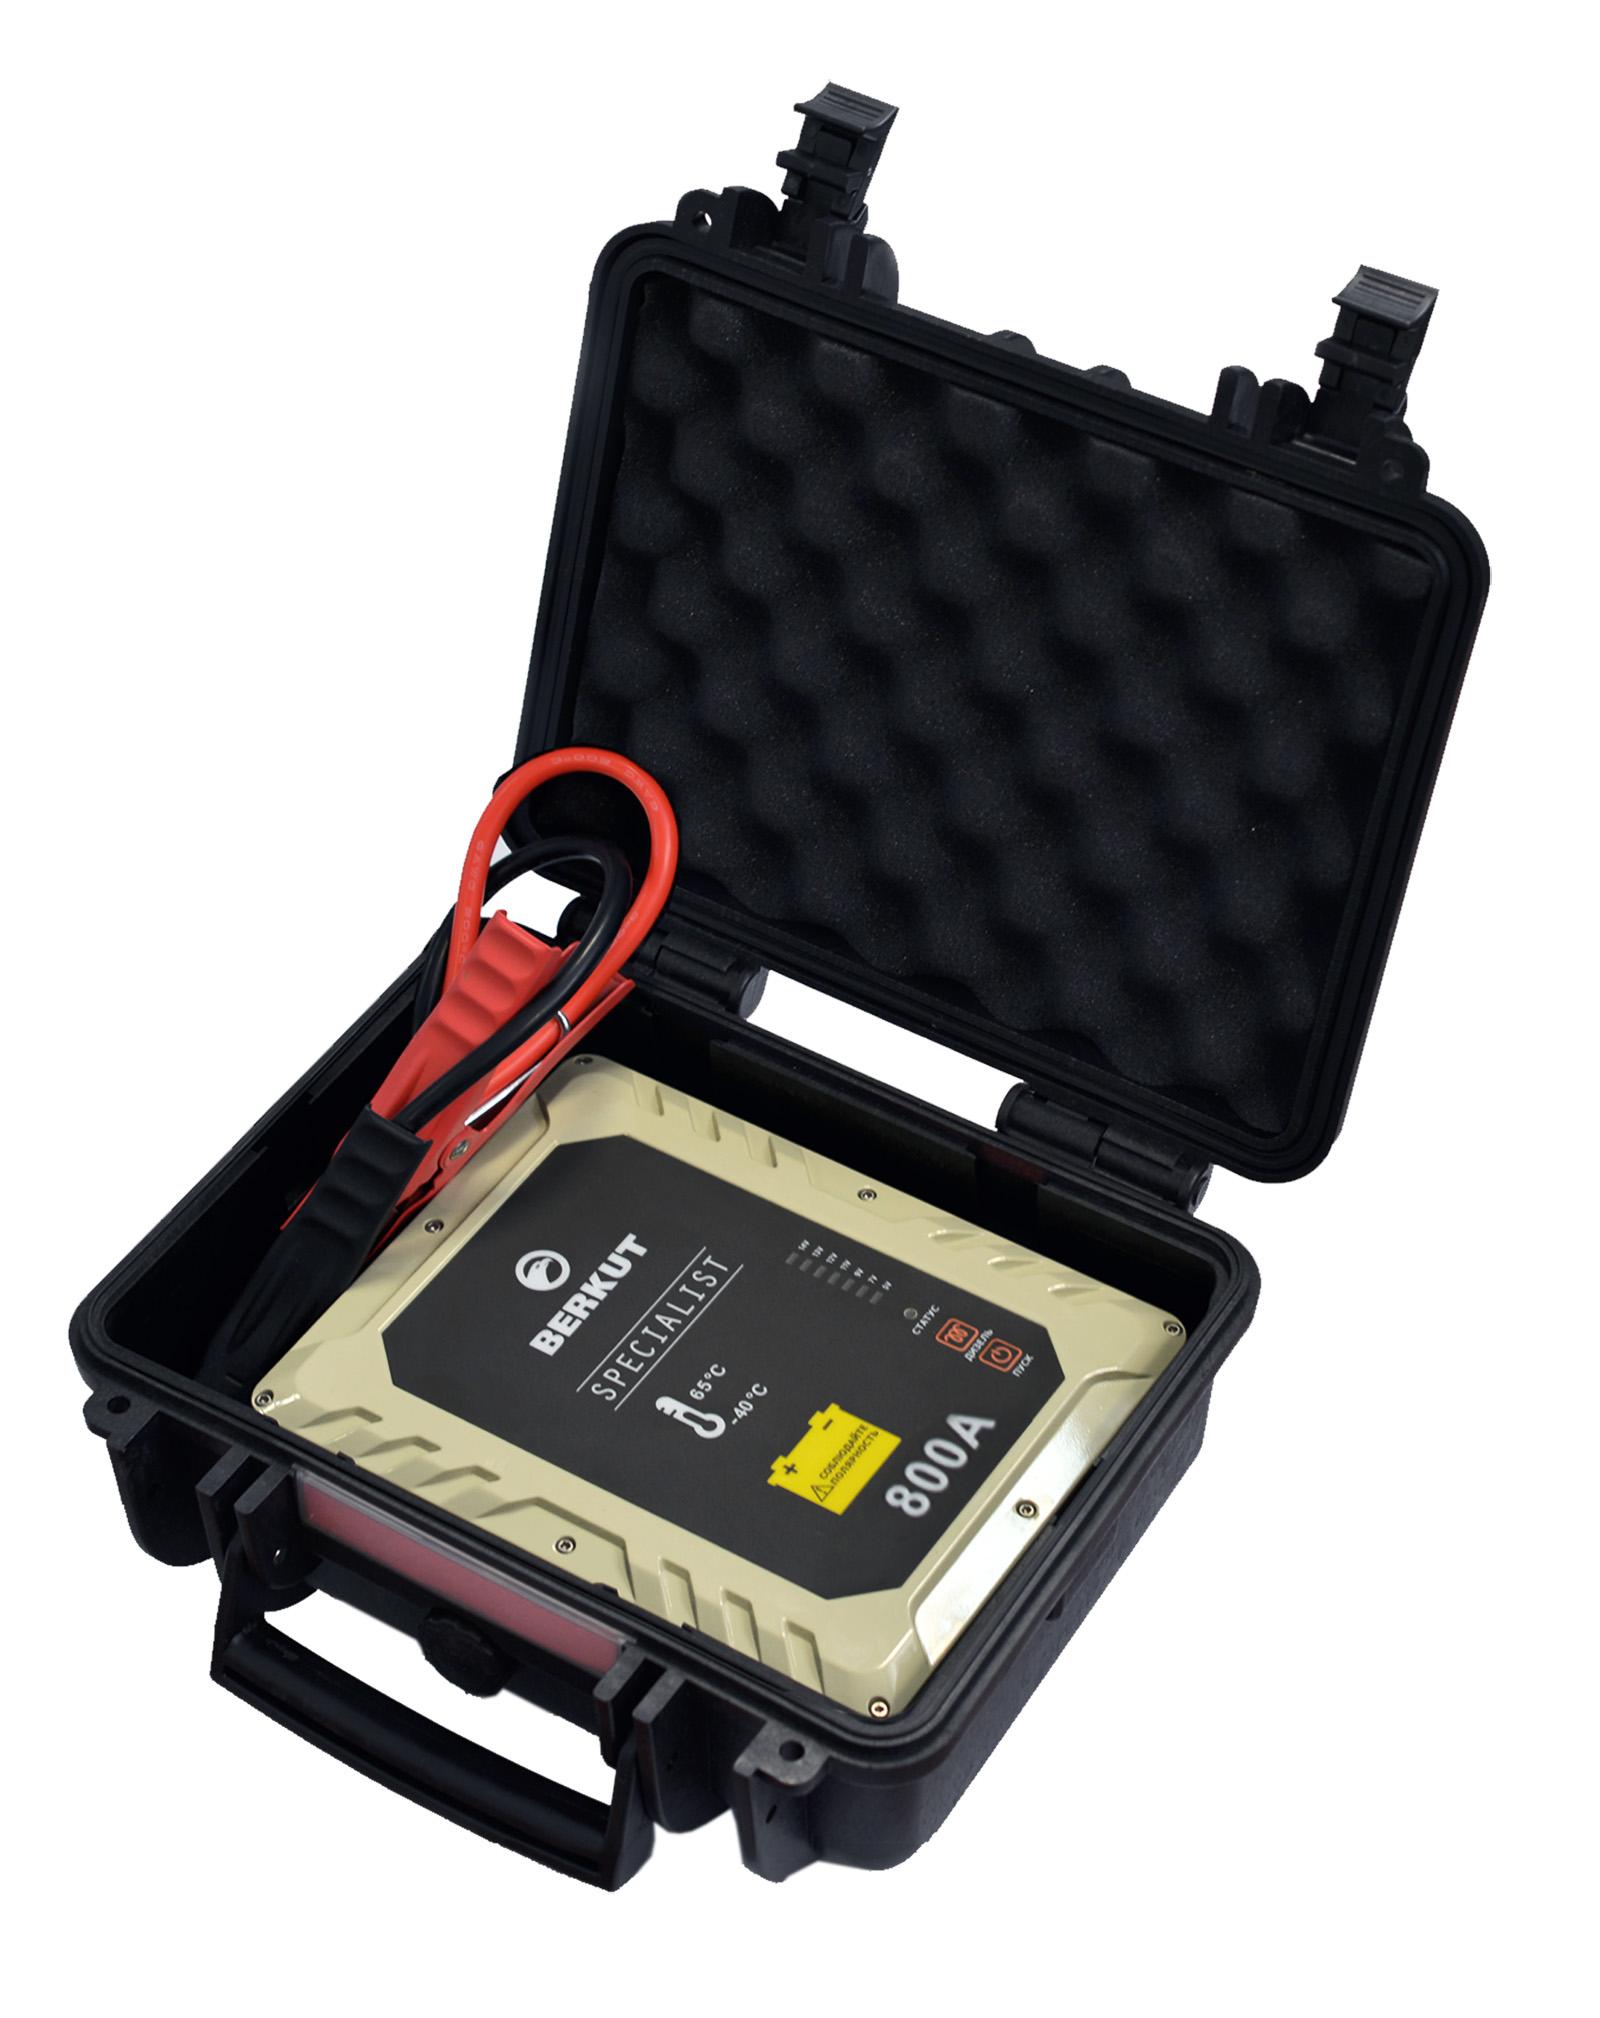 Пуско-зарядное устройство Berkut. JSC800СJSC-800CЭто специальное пусковое автомобильное устройство конденсаторного типа предназначено для аварийного запуска двигателя транспортного средства в случае неисправной АКБ. Главным достоинством устройства, отличающим его от прочих аналогов, является отсутствие аккумуляторов. Вместо них применены электроконденсаторы сверхбольшой емкости (ионисторы). Применение конденсаторного накопителя заряда позволяет гарантированно запустить двигатель автомобиля как с основательно разряженной АКБ, причем даже в том случае, когда ее остаточная емкость составляет всего 5%, так и без аккумулятора с предварительной зарядкой от АКБ или розетки прикуривателя другого автомобиля, а также от зарядного устройства с разъемом микро USB. Пусковое устройство рекомендовано для любых типов транспортных средств с бензиновым двигателем до 6000 см.куб. и дизельным двигателем до 4000 см.куб и напряжением бортовой сети 12В. Технические характеристики: - Напряжение на клеммах: 12 В - Пусковой ток: 800 A - Тип конденсаторов:...